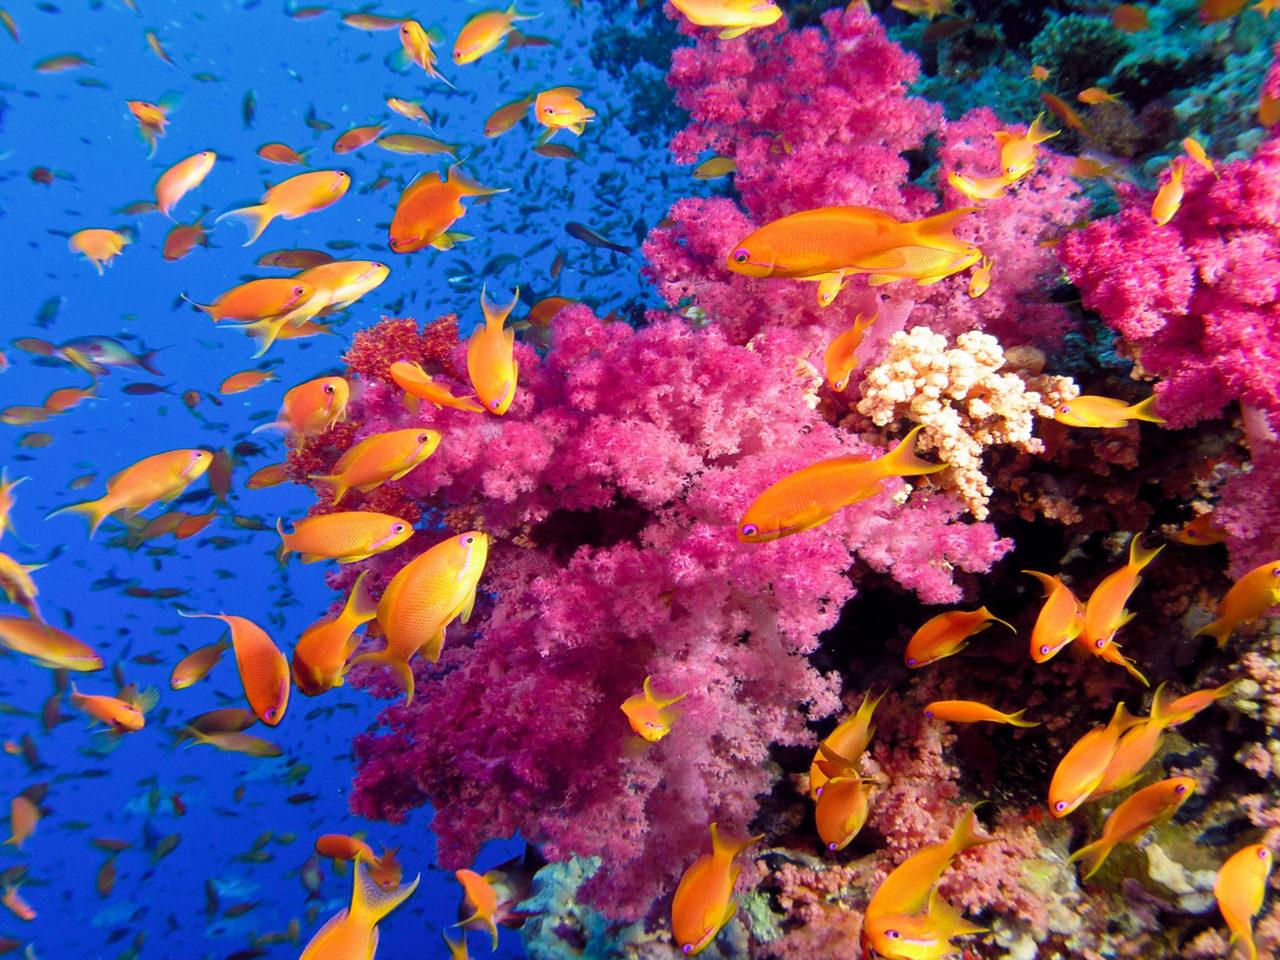 Koi Fish Iphone Wallpaper Ocean Sea Tropical Coral Reefs Orange Fish Wallpaper Hd